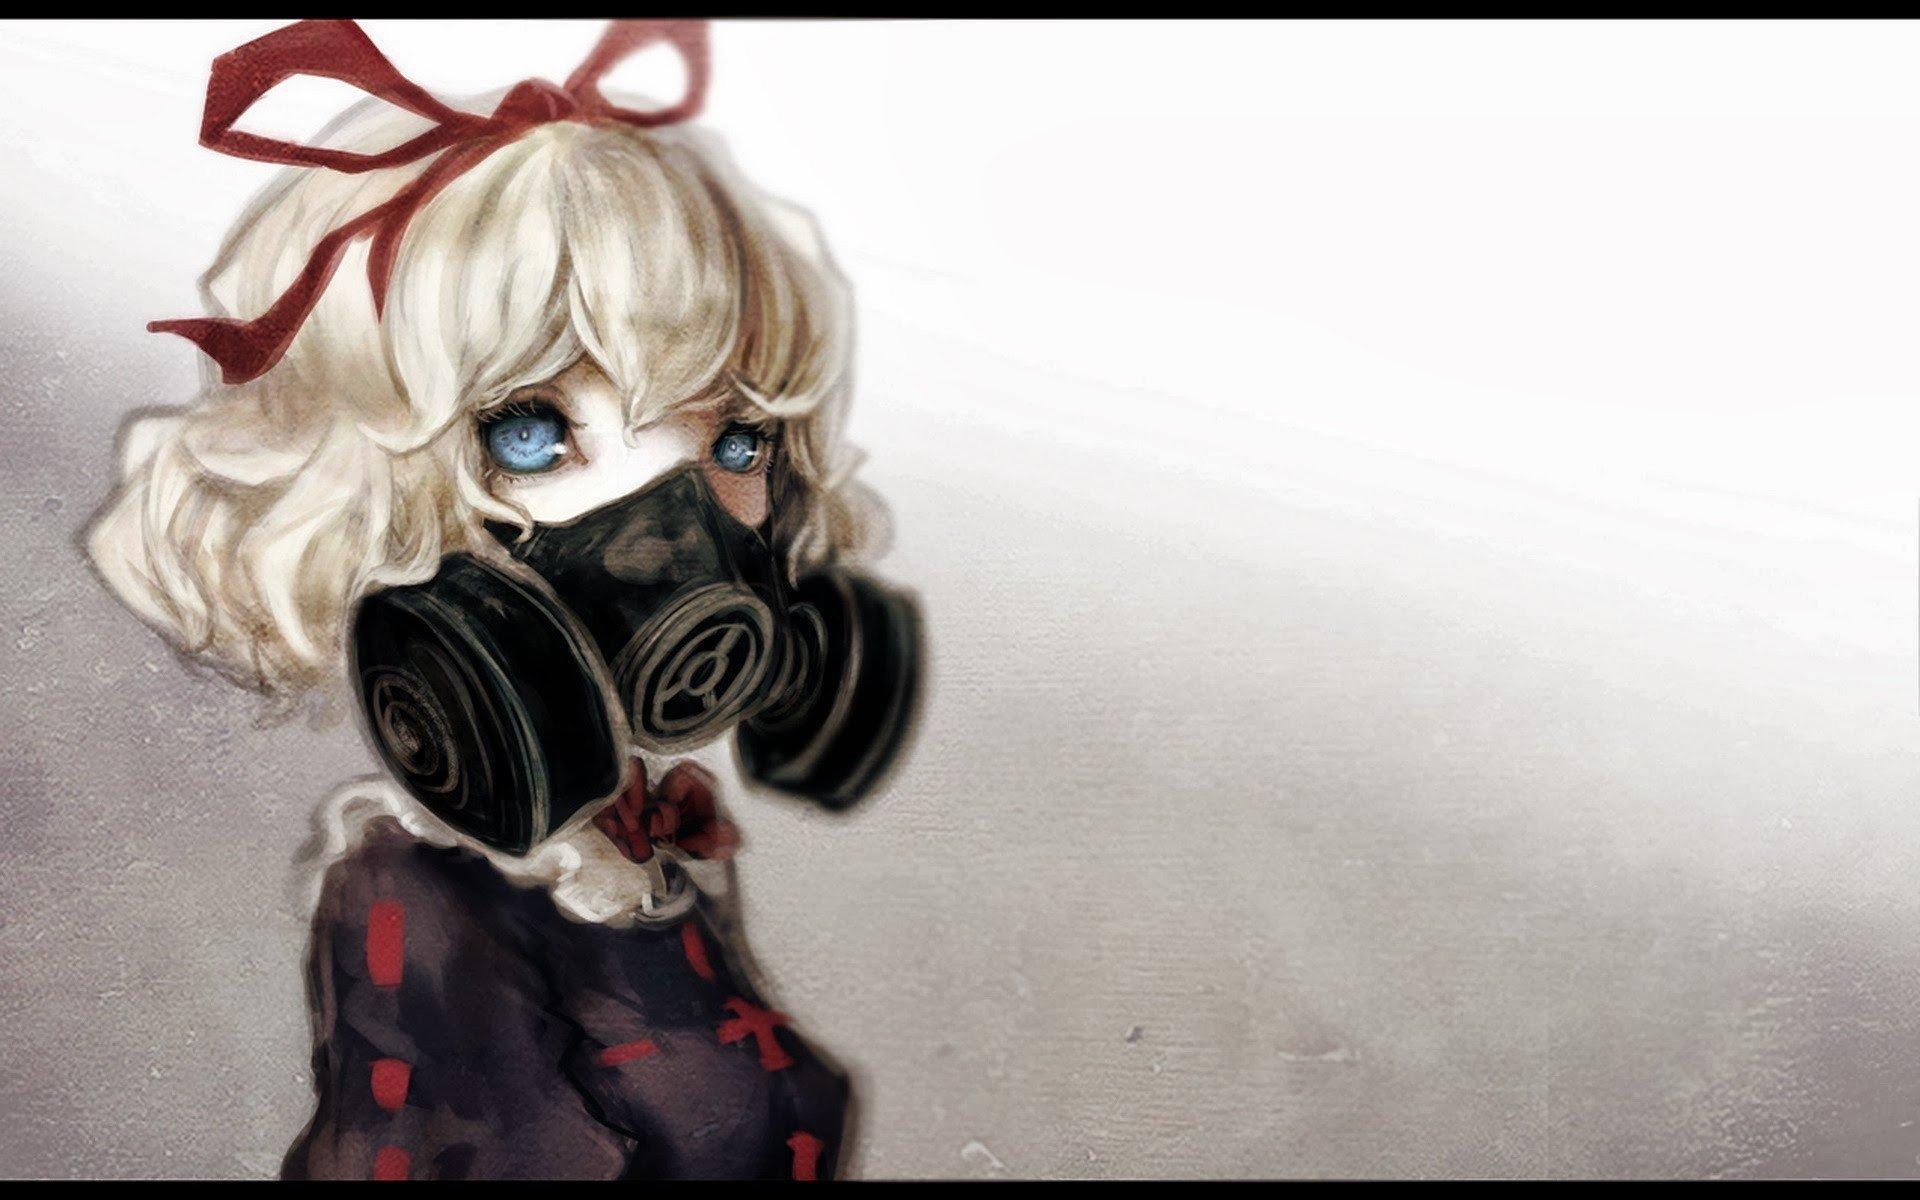 fantasy art, Gas masks Wallpaper